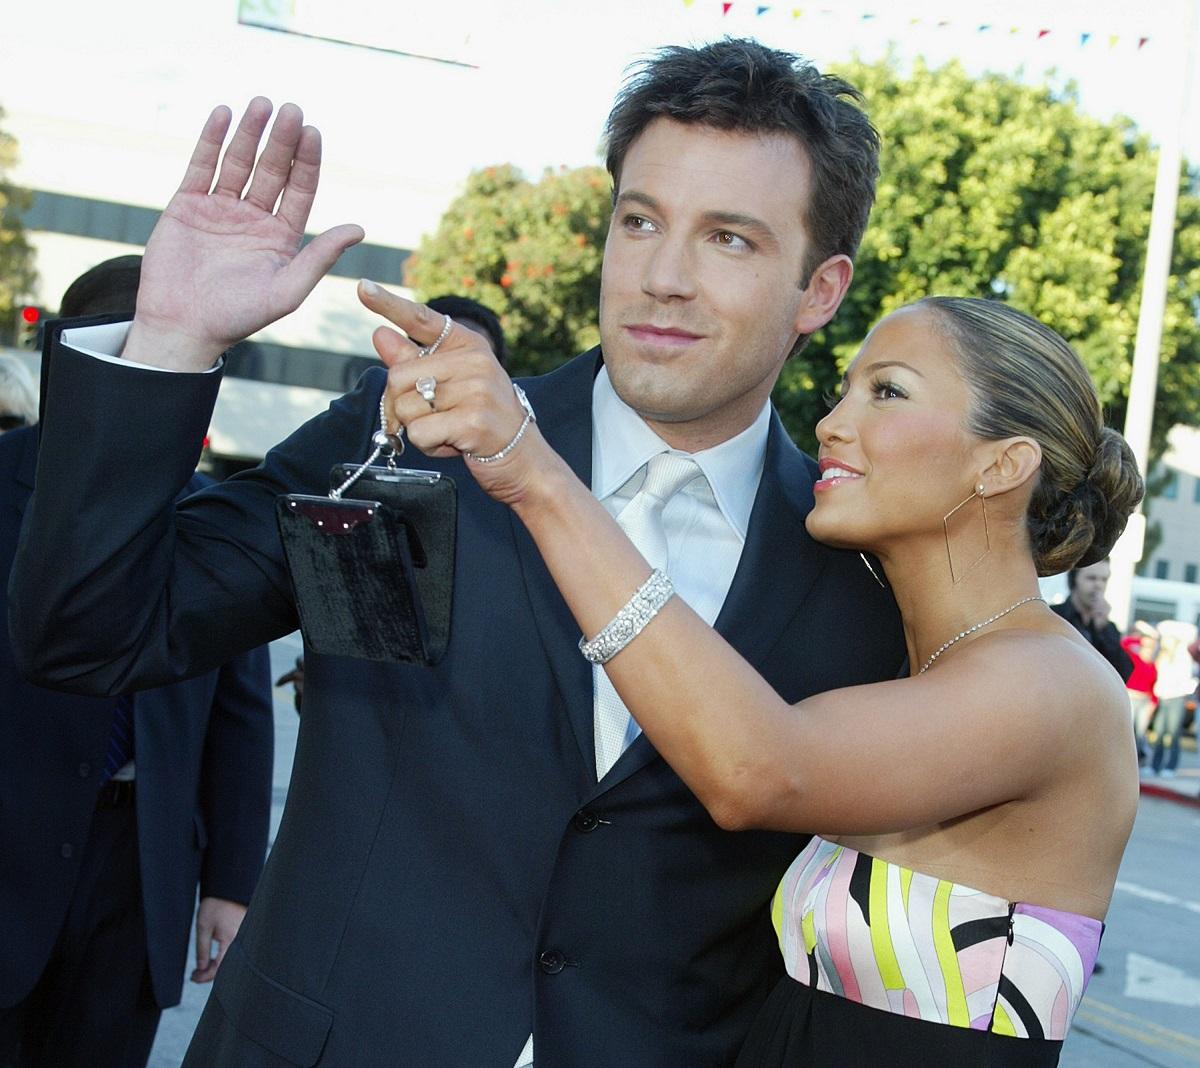 Ben Affleck la costum în timp ce este alături de Jennifer Lopez în rochie care îi arată un lucru în zare la premiera filmului Daredavil din 2003